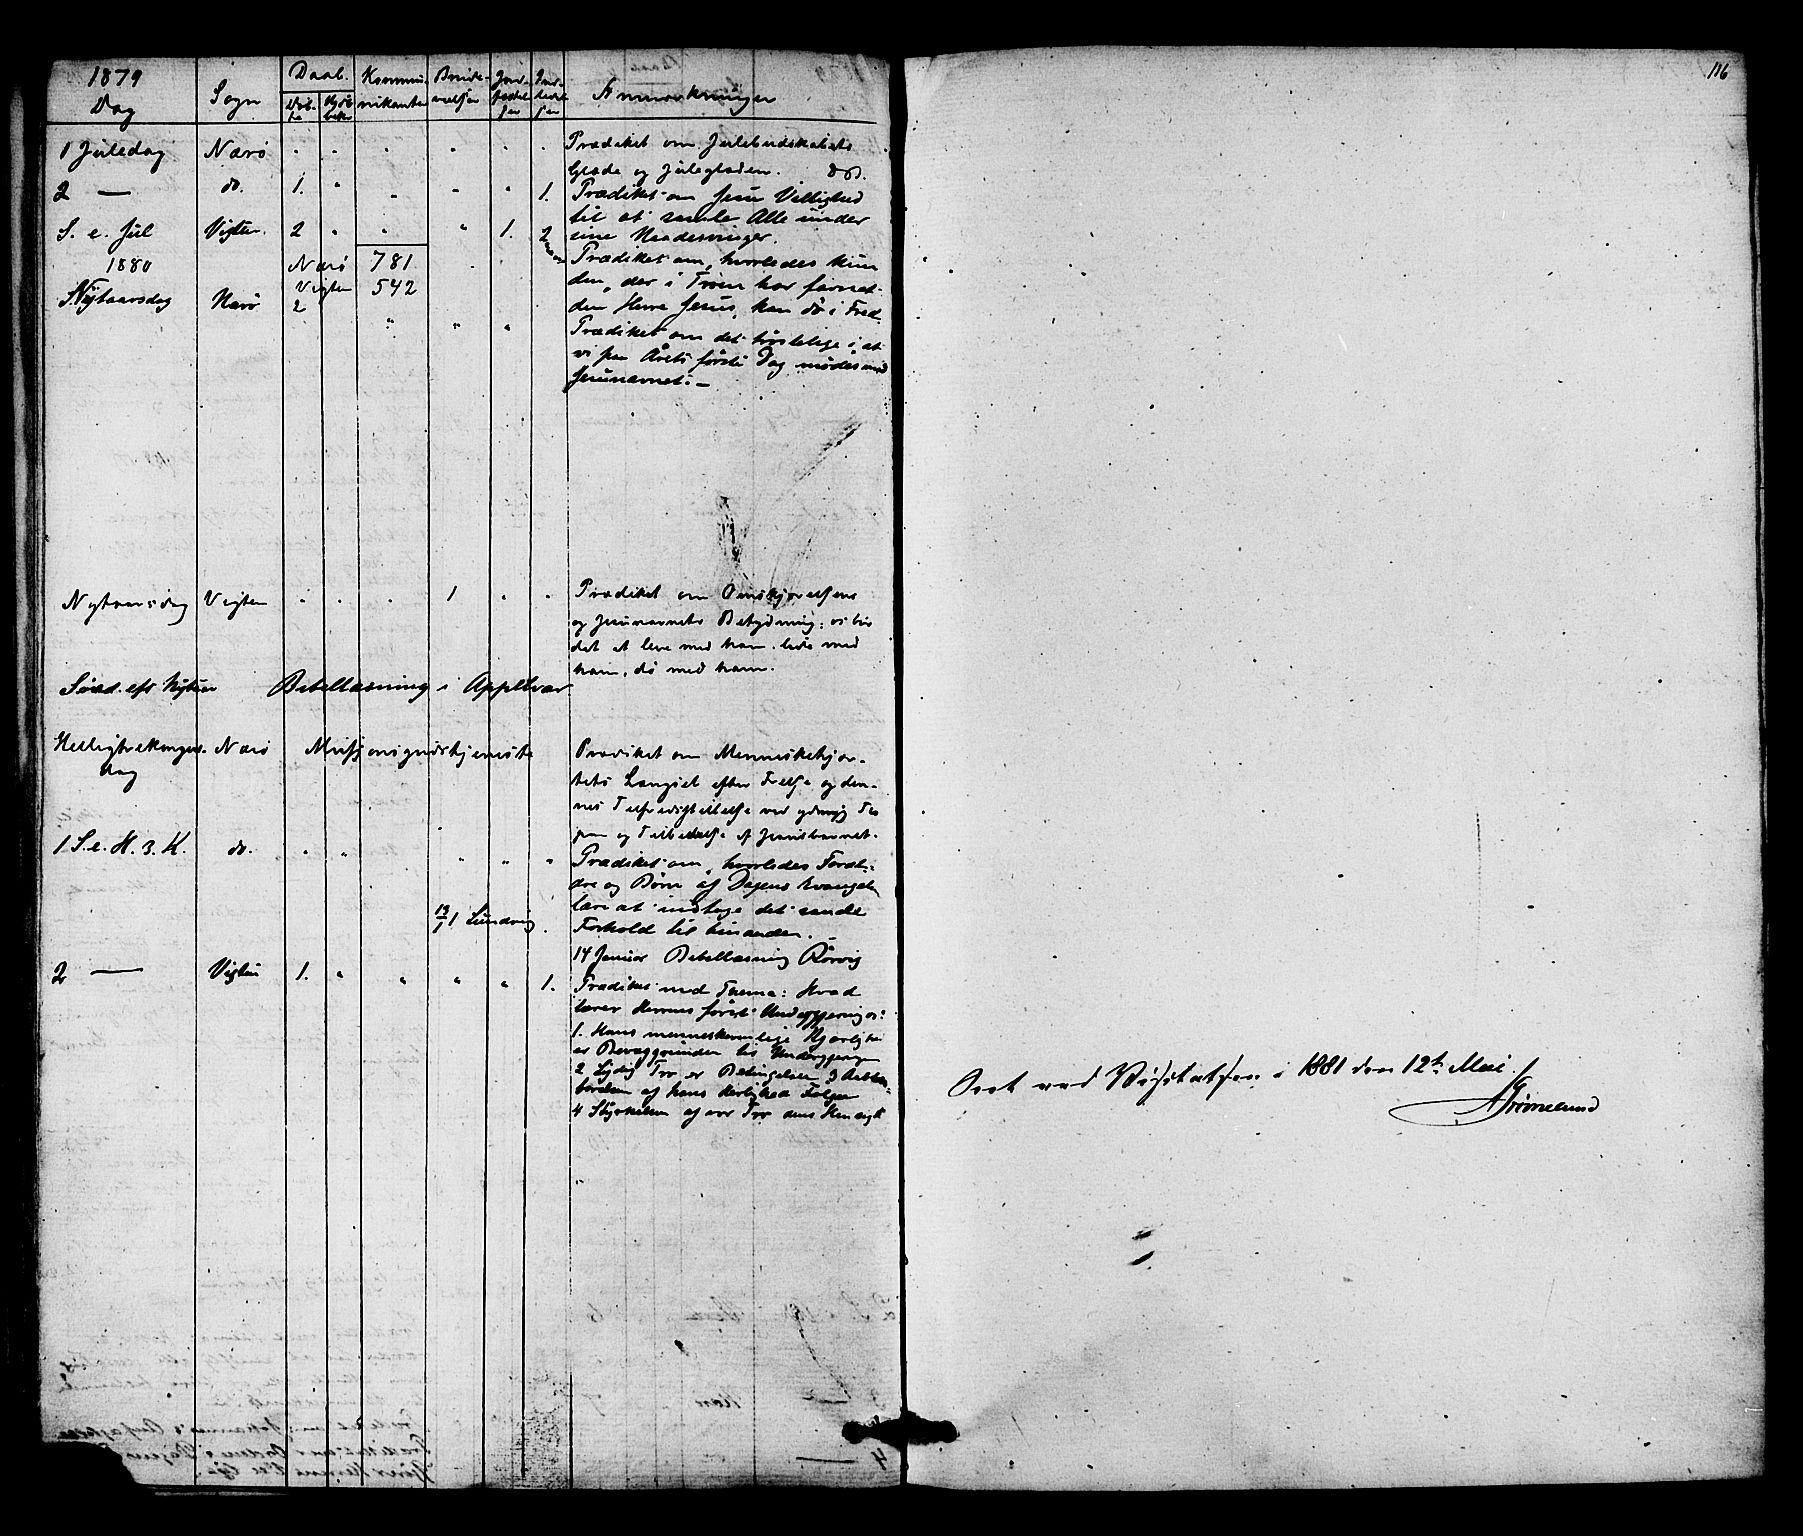 SAT, Ministerialprotokoller, klokkerbøker og fødselsregistre - Nord-Trøndelag, 784/L0671: Ministerialbok nr. 784A06, 1876-1879, s. 116